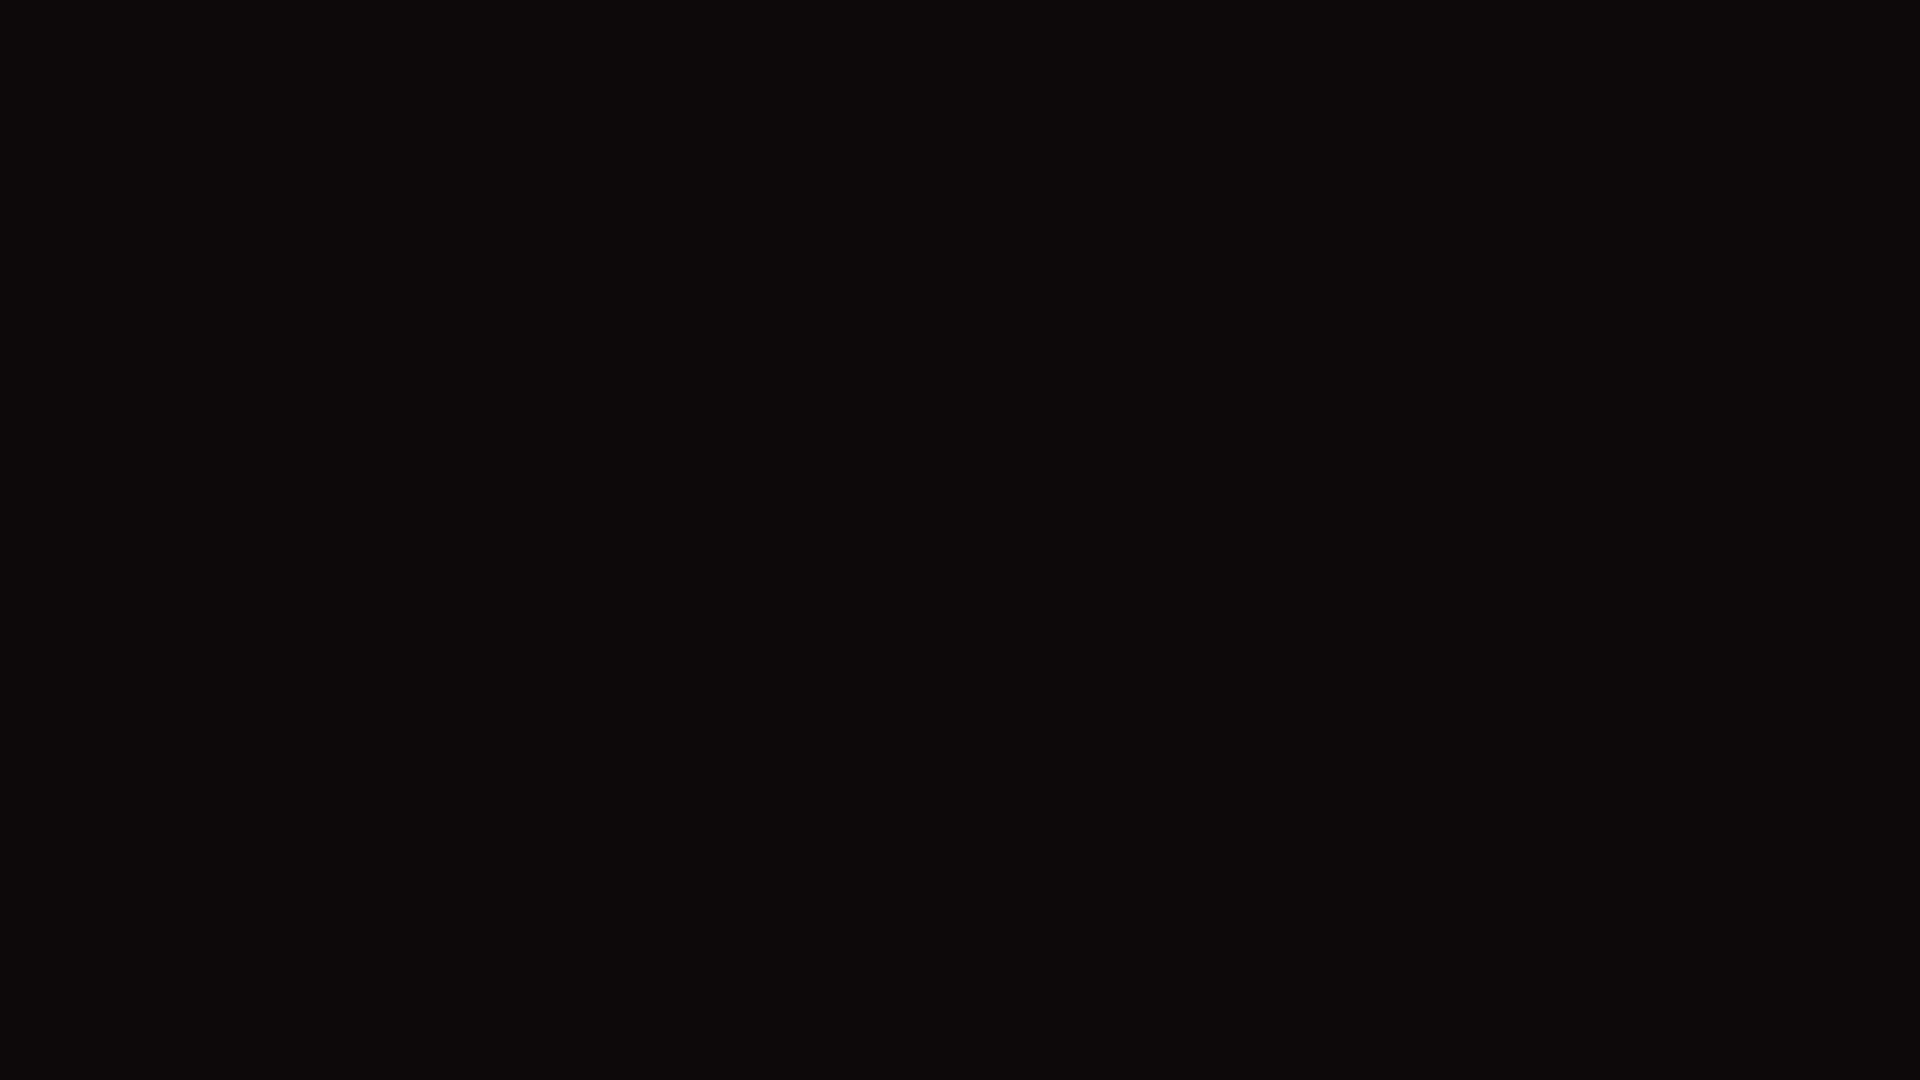 Hình nền đen thui